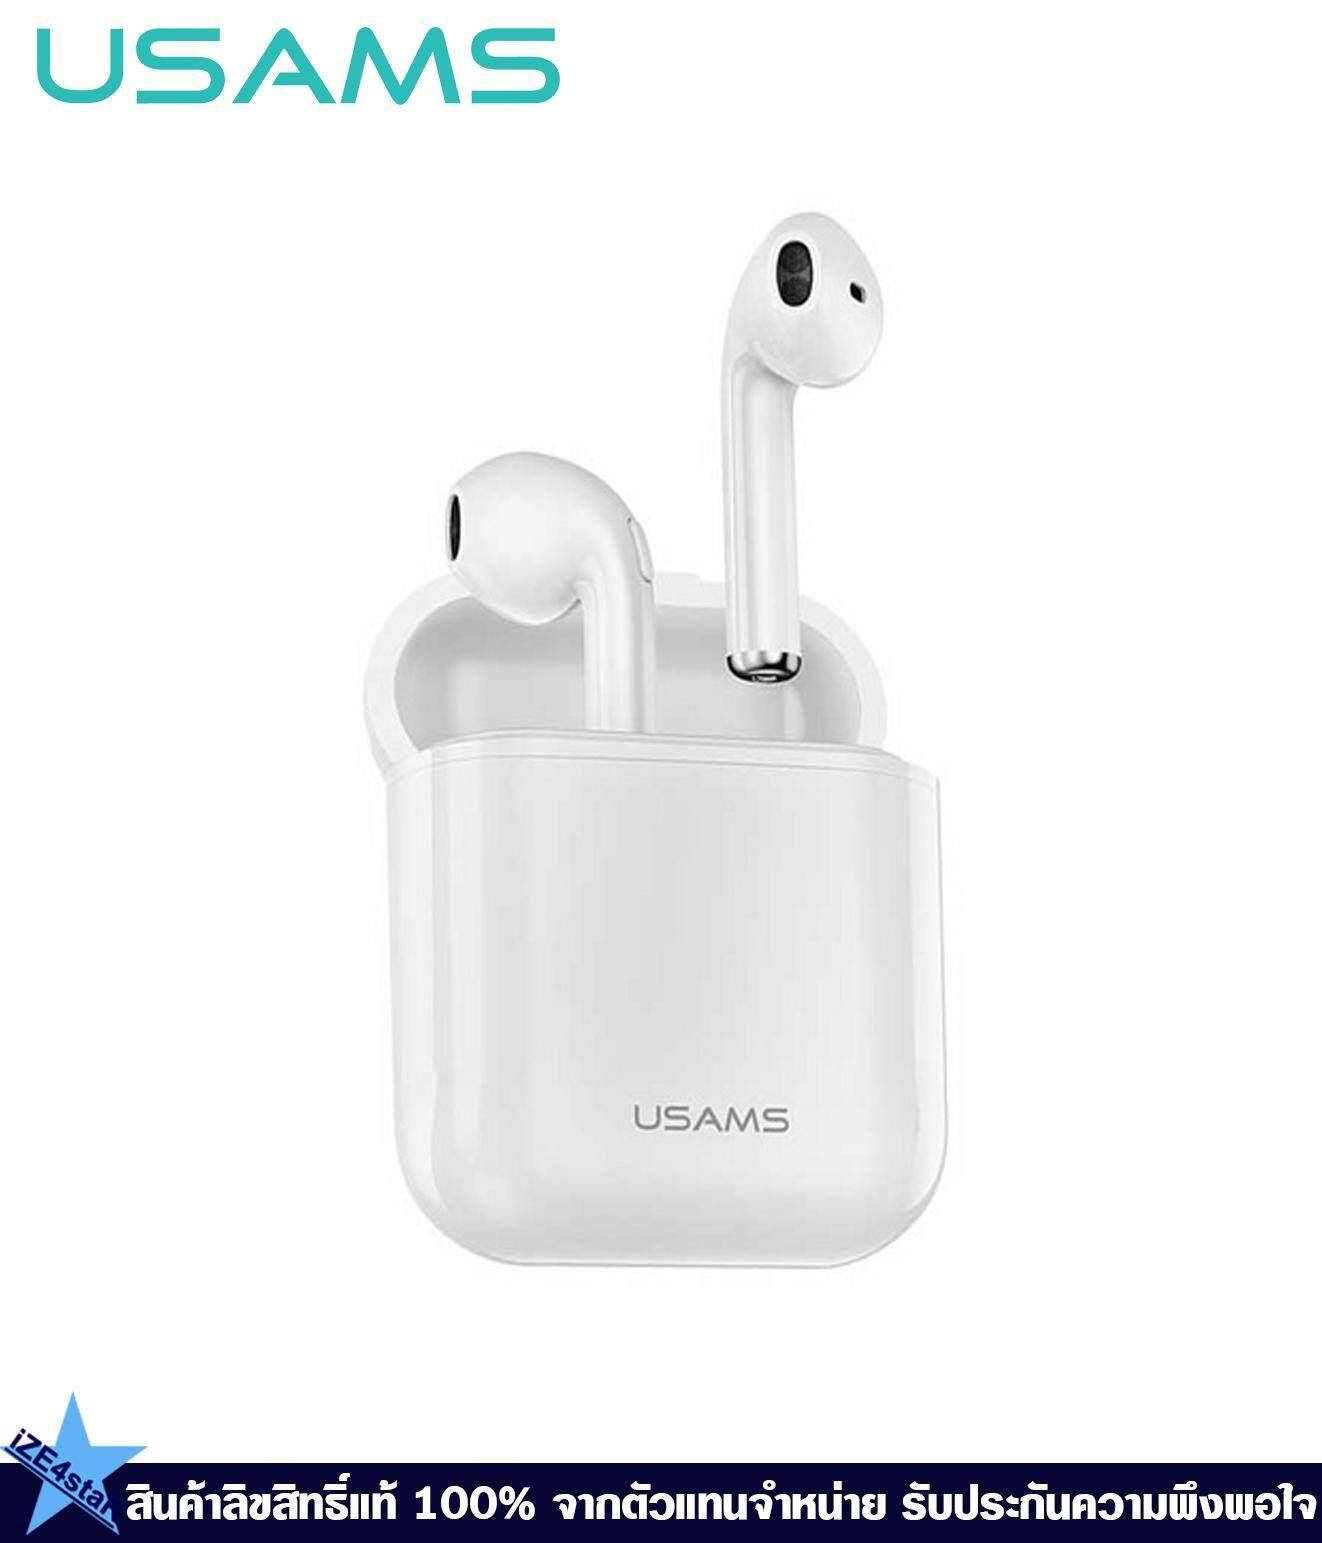 ดีจริง ถูกจริง หูฟัง Unbranded/Generic เคสซิลิโคนใส่หูฟัง กันกระแทก สำหรับ AirPod ร้านค้าเชื่อถือได้